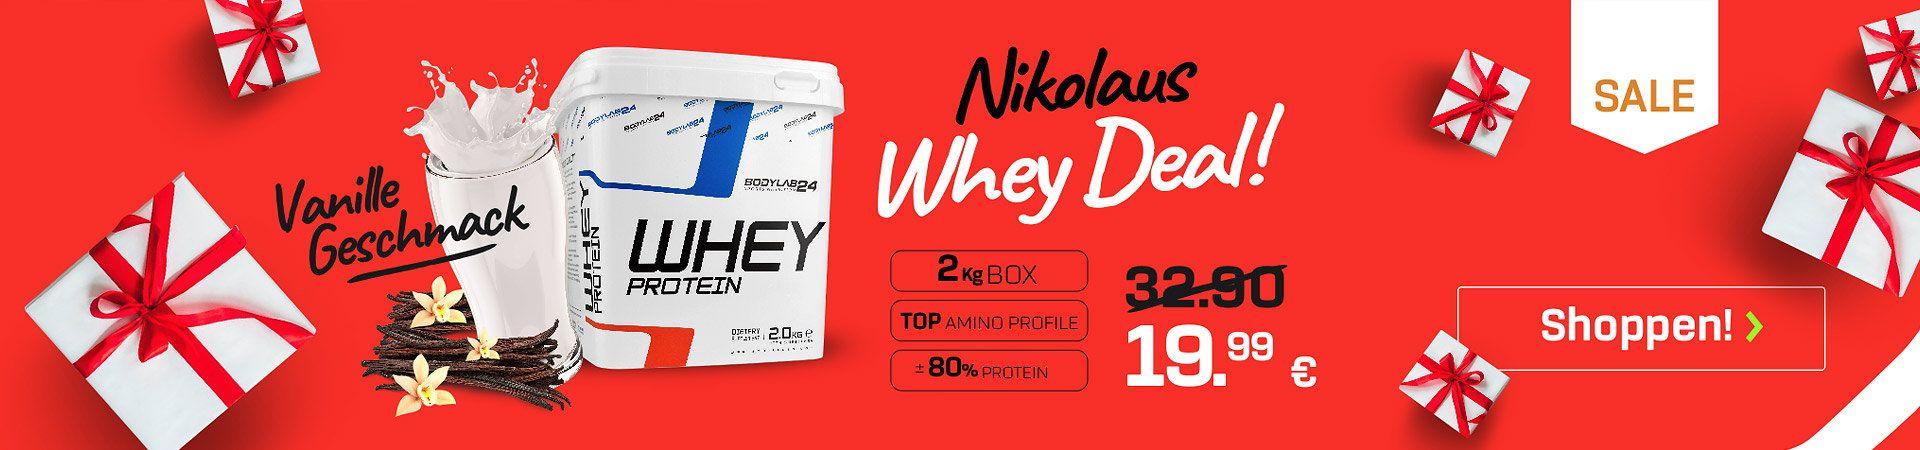 Whey Dose vor rotem Hintergrund, mit Vanilleschoten und Milchglas - Verweis auf den Nikolaus Whey Deal